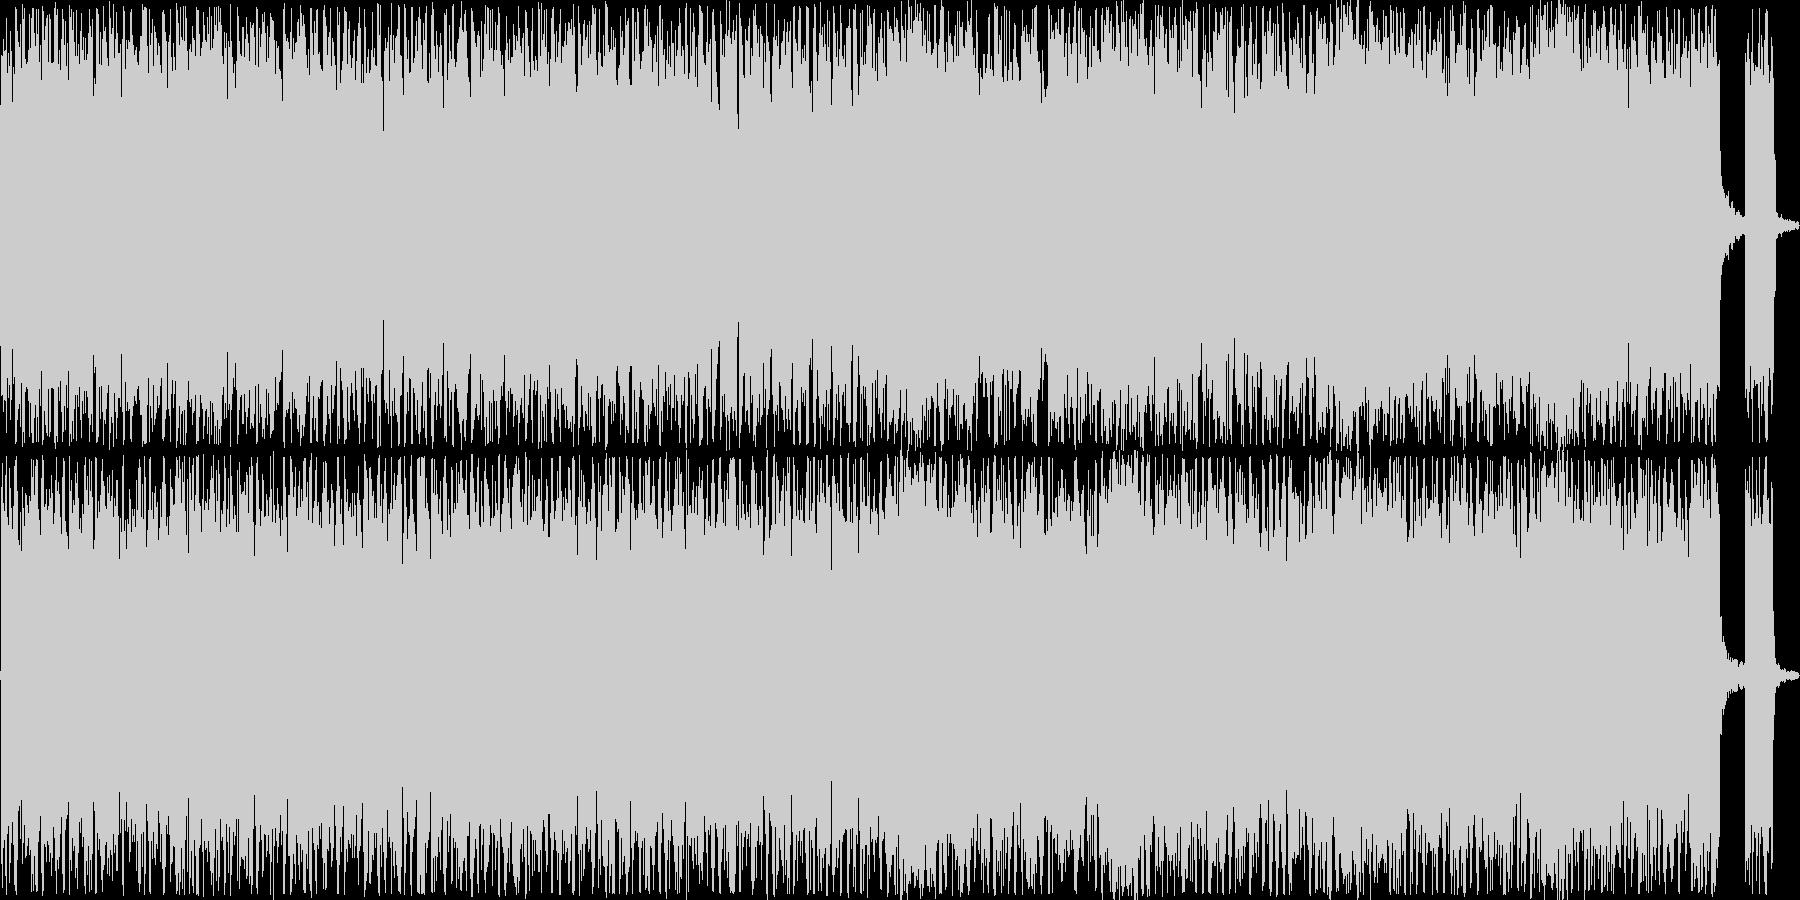 シンセを入れたヘビーメタルの未再生の波形